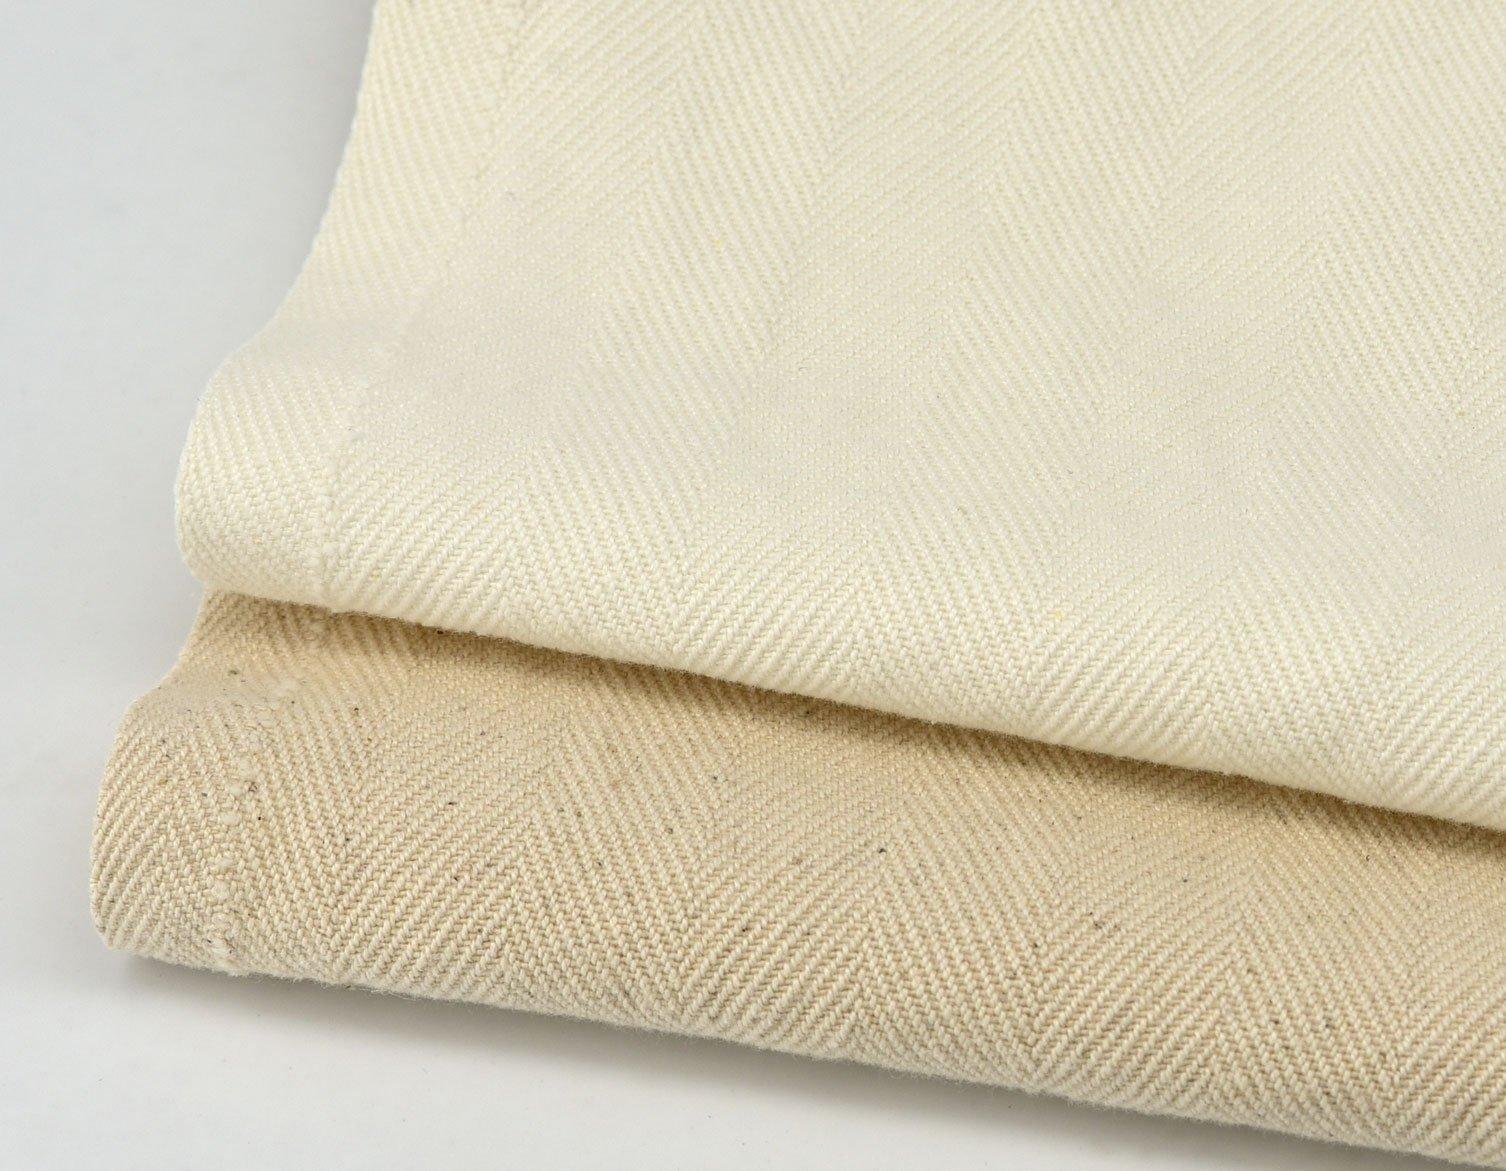 Herringbone Blended Linen